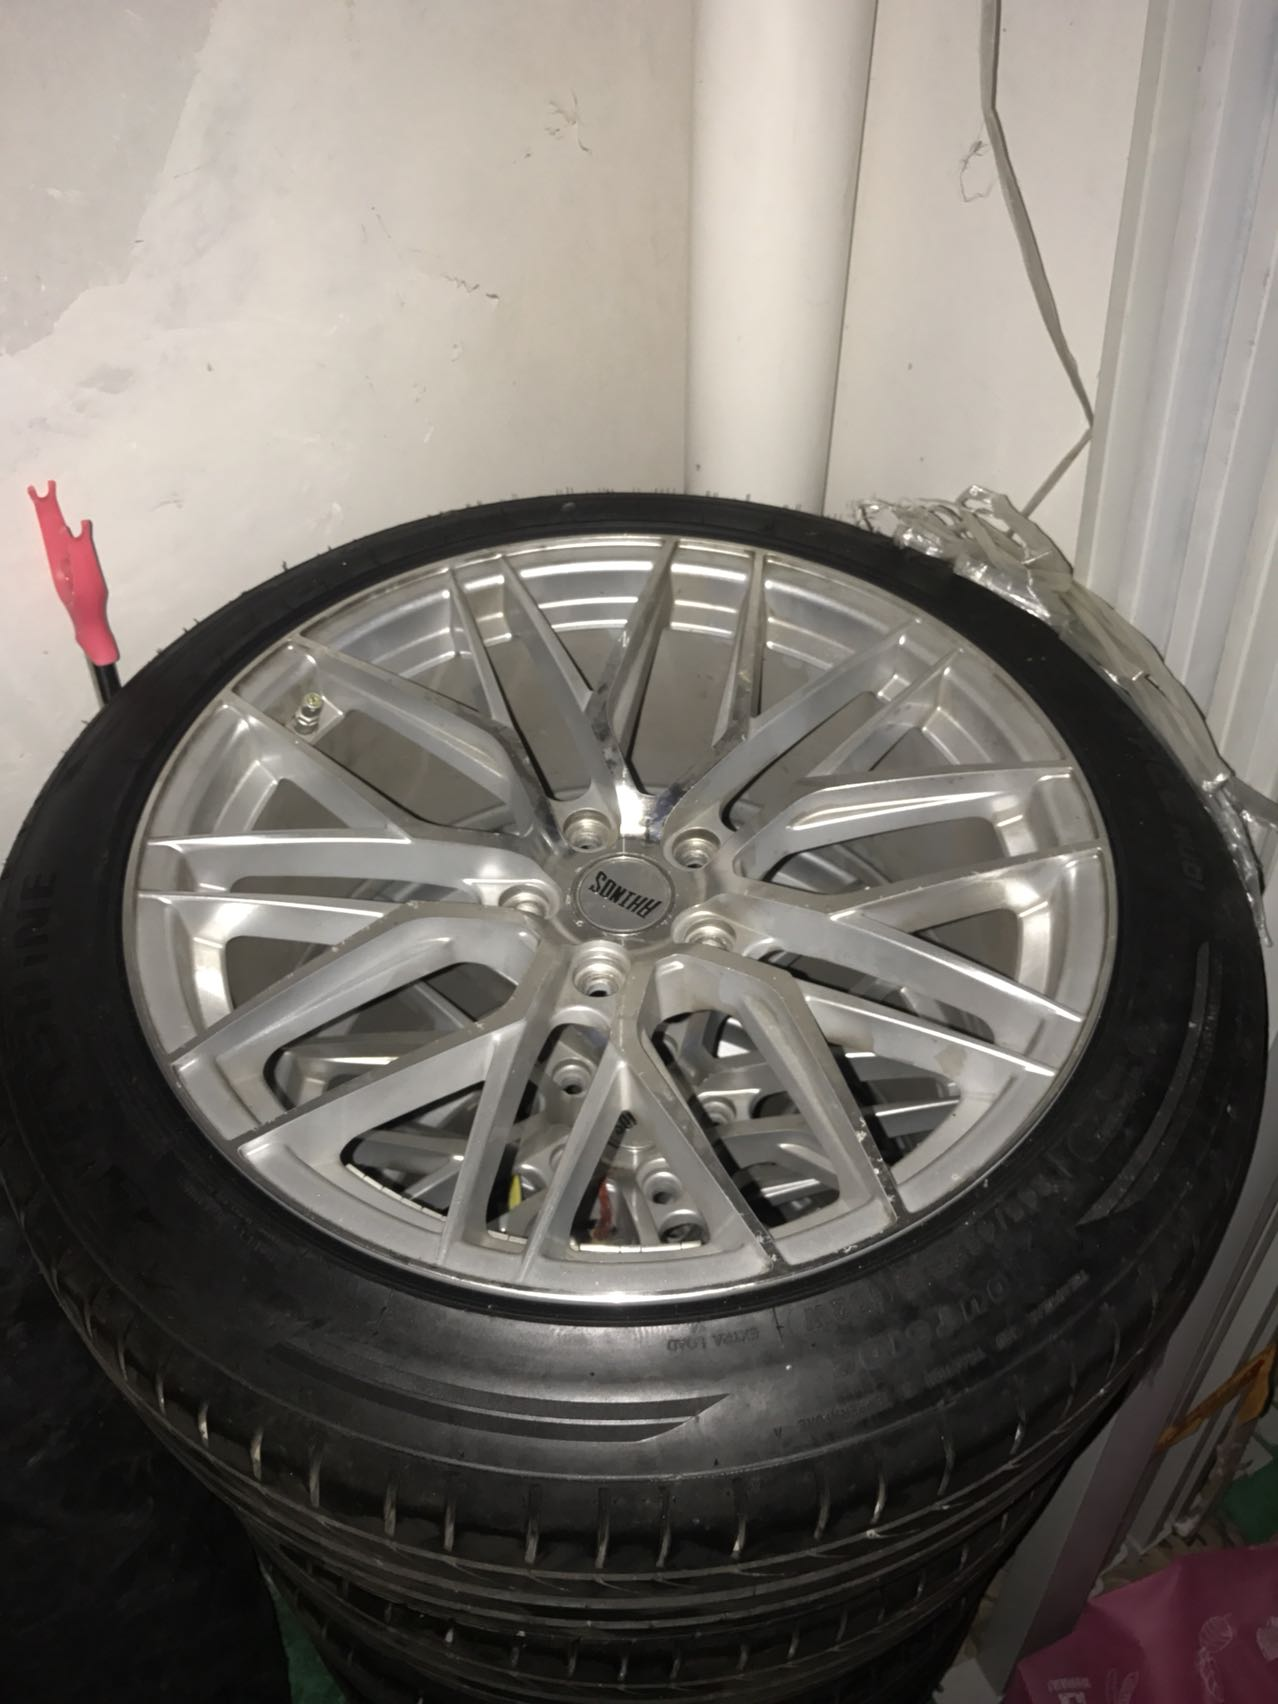 出售,日本车轮毂,个人用,19寸轮毂和轮胎.不到一个月.9.5新.13058430999